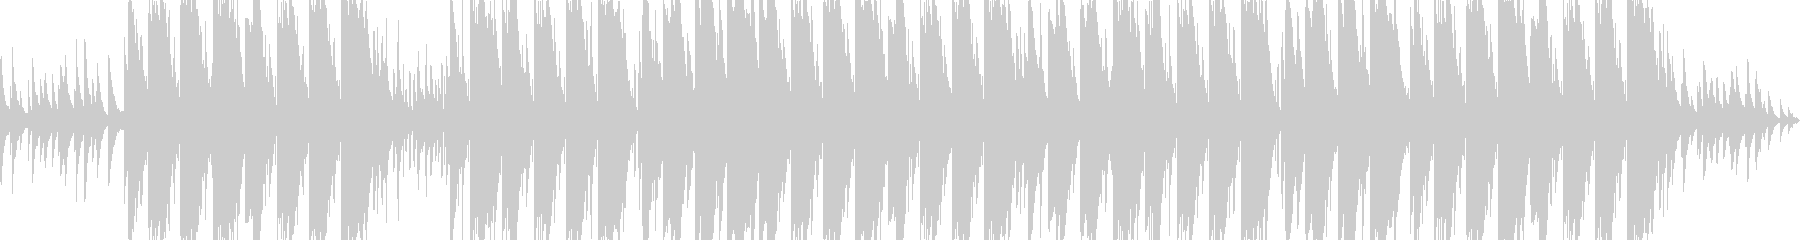 切ないピアノのエモトラップの未再生の波形